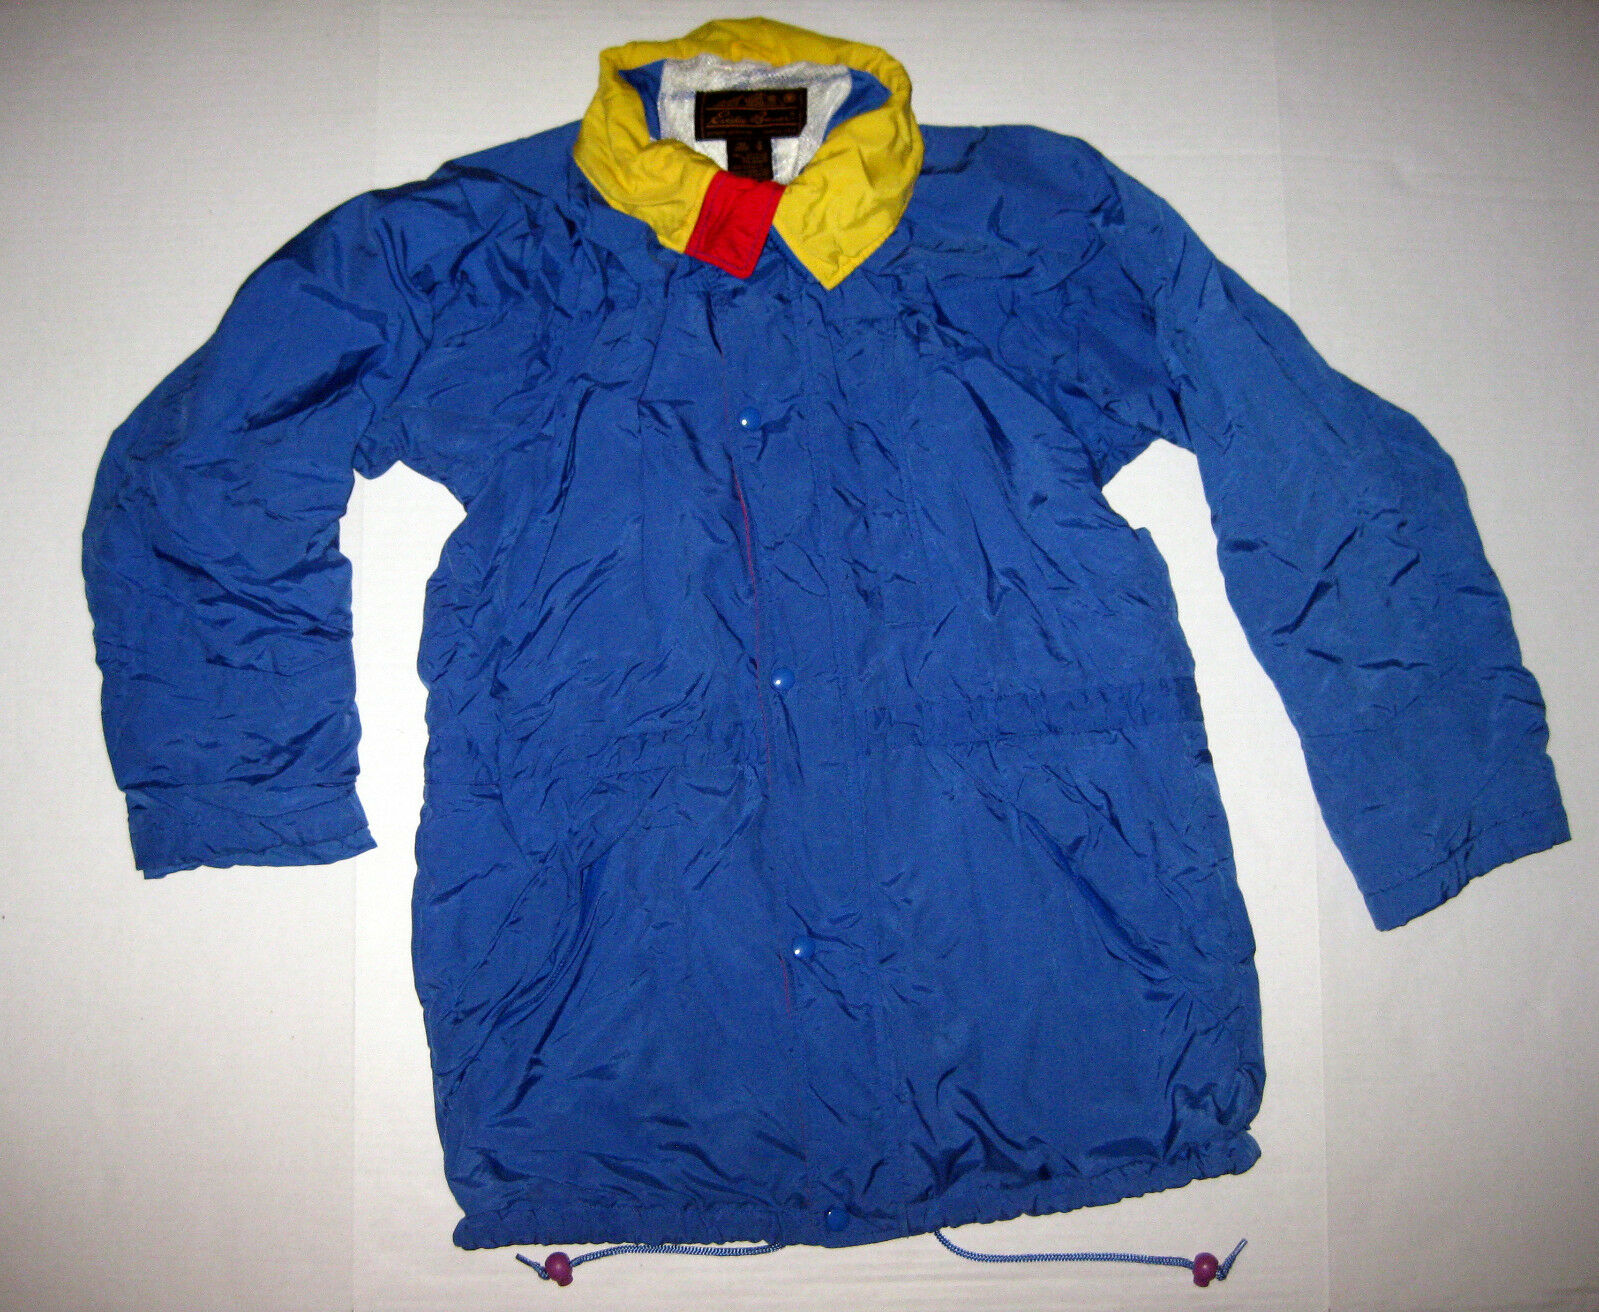 Qualitätskontrolle Gelb rot Blau Bauer Eddie Vintage herren